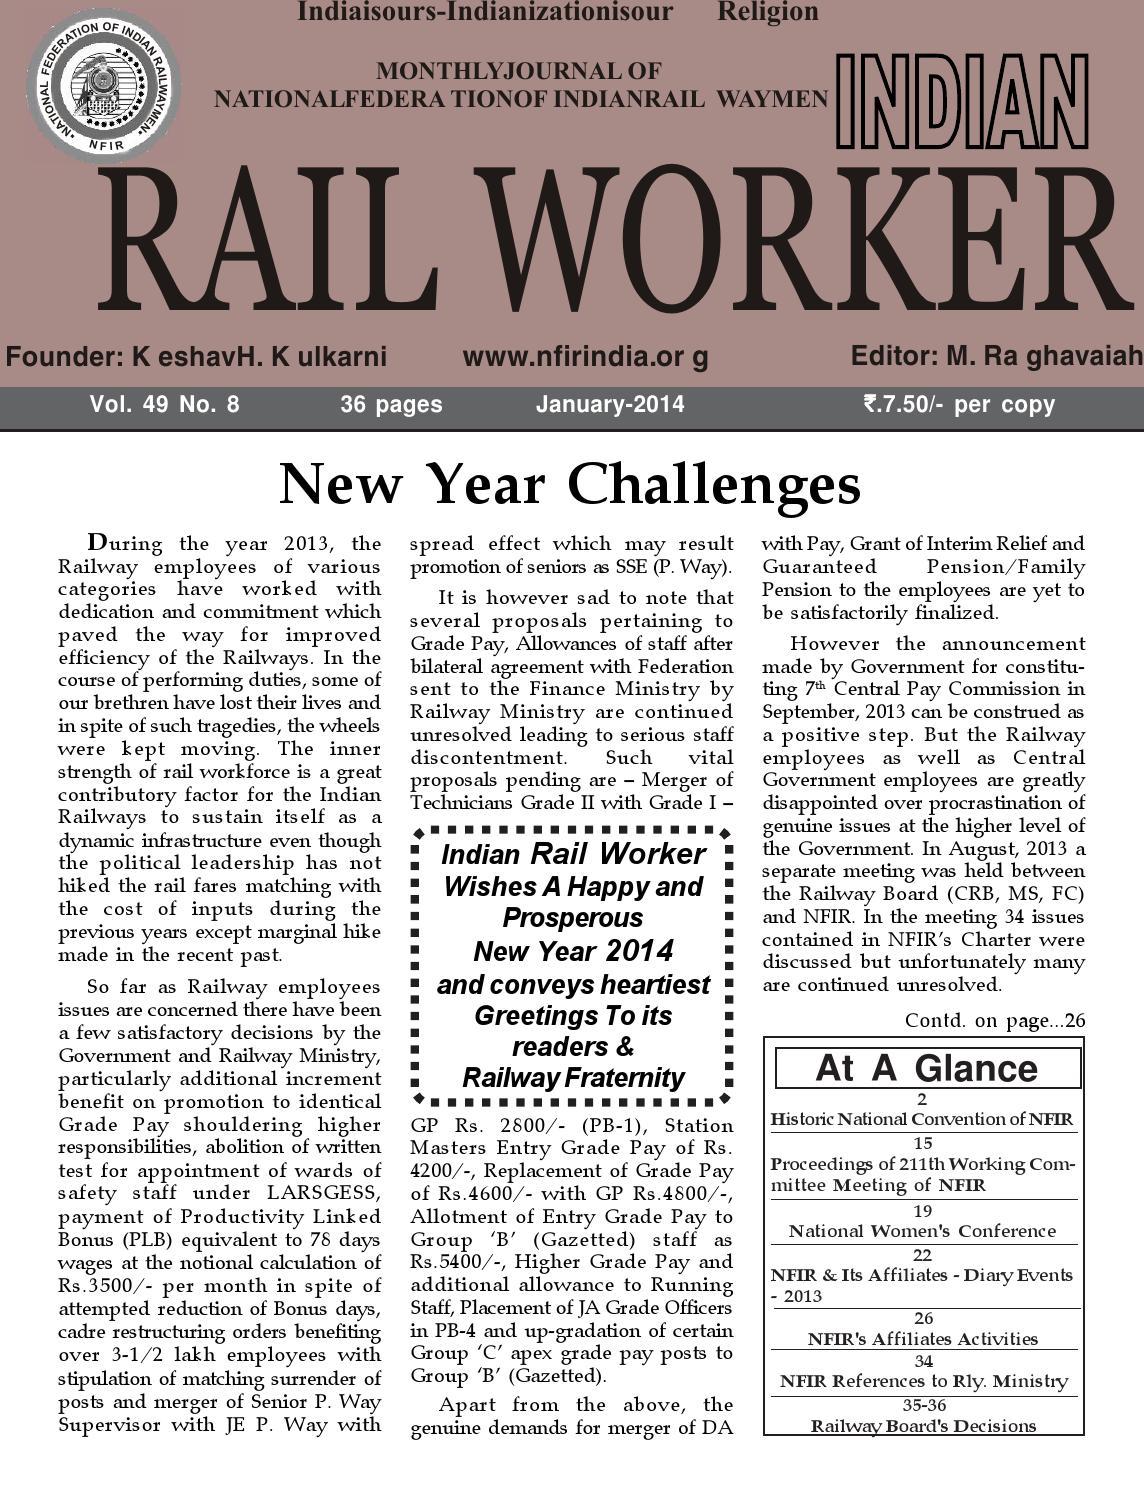 Indian Rail Worker - January 2014 by NFIRINDIA DELHI - issuu